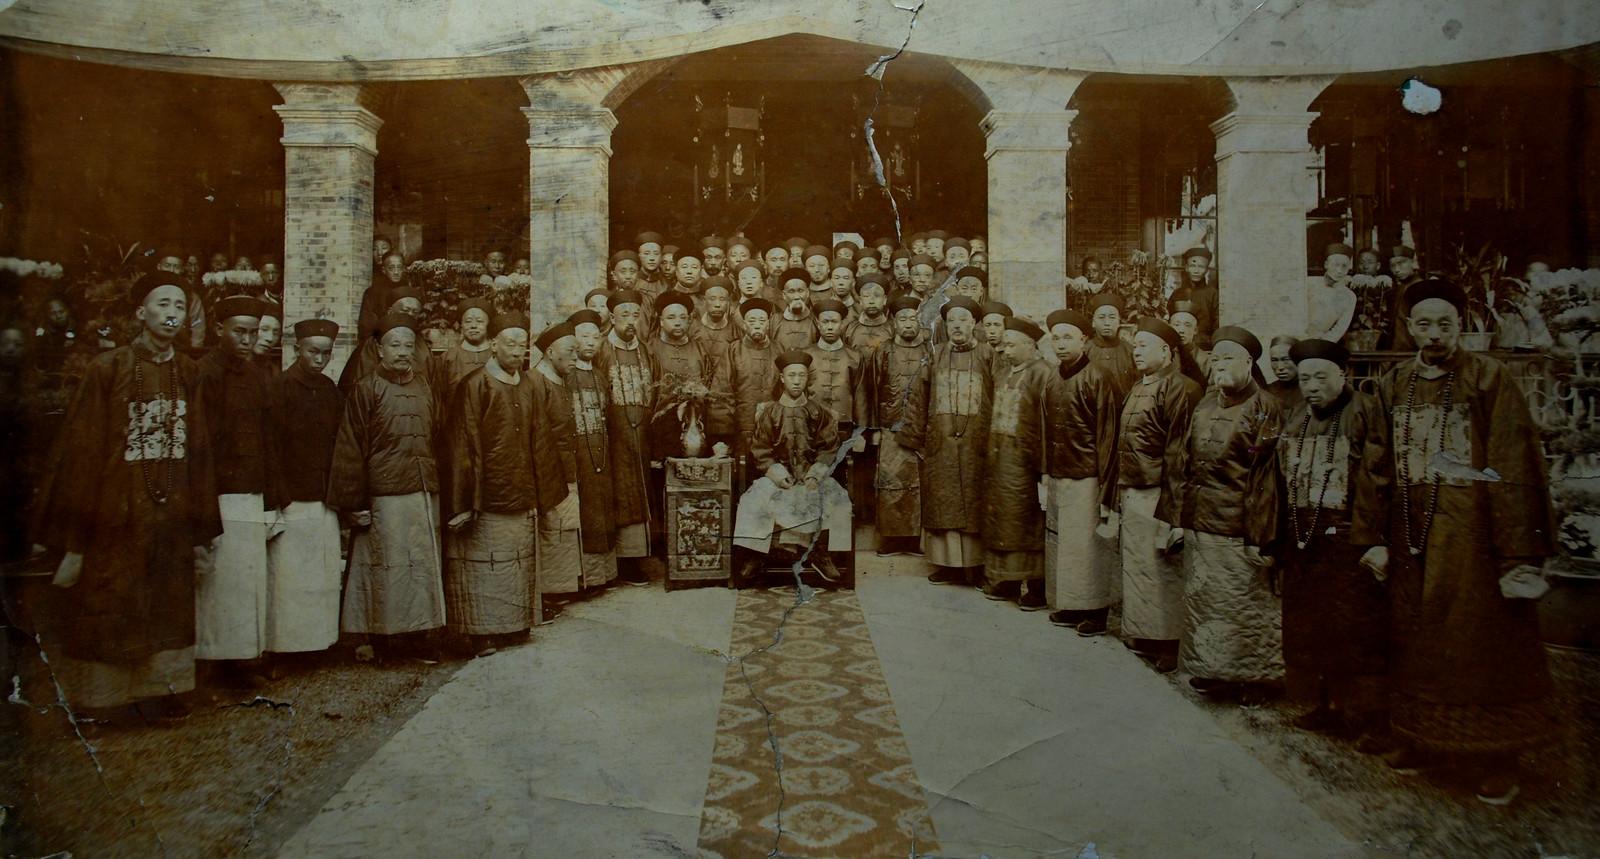 載灃,1901. 此照片是原版洗出的照片 推測是德國攝影師 在他德國之行前於上海拍的。是曾祖以南遺物。如何來的?一個謎